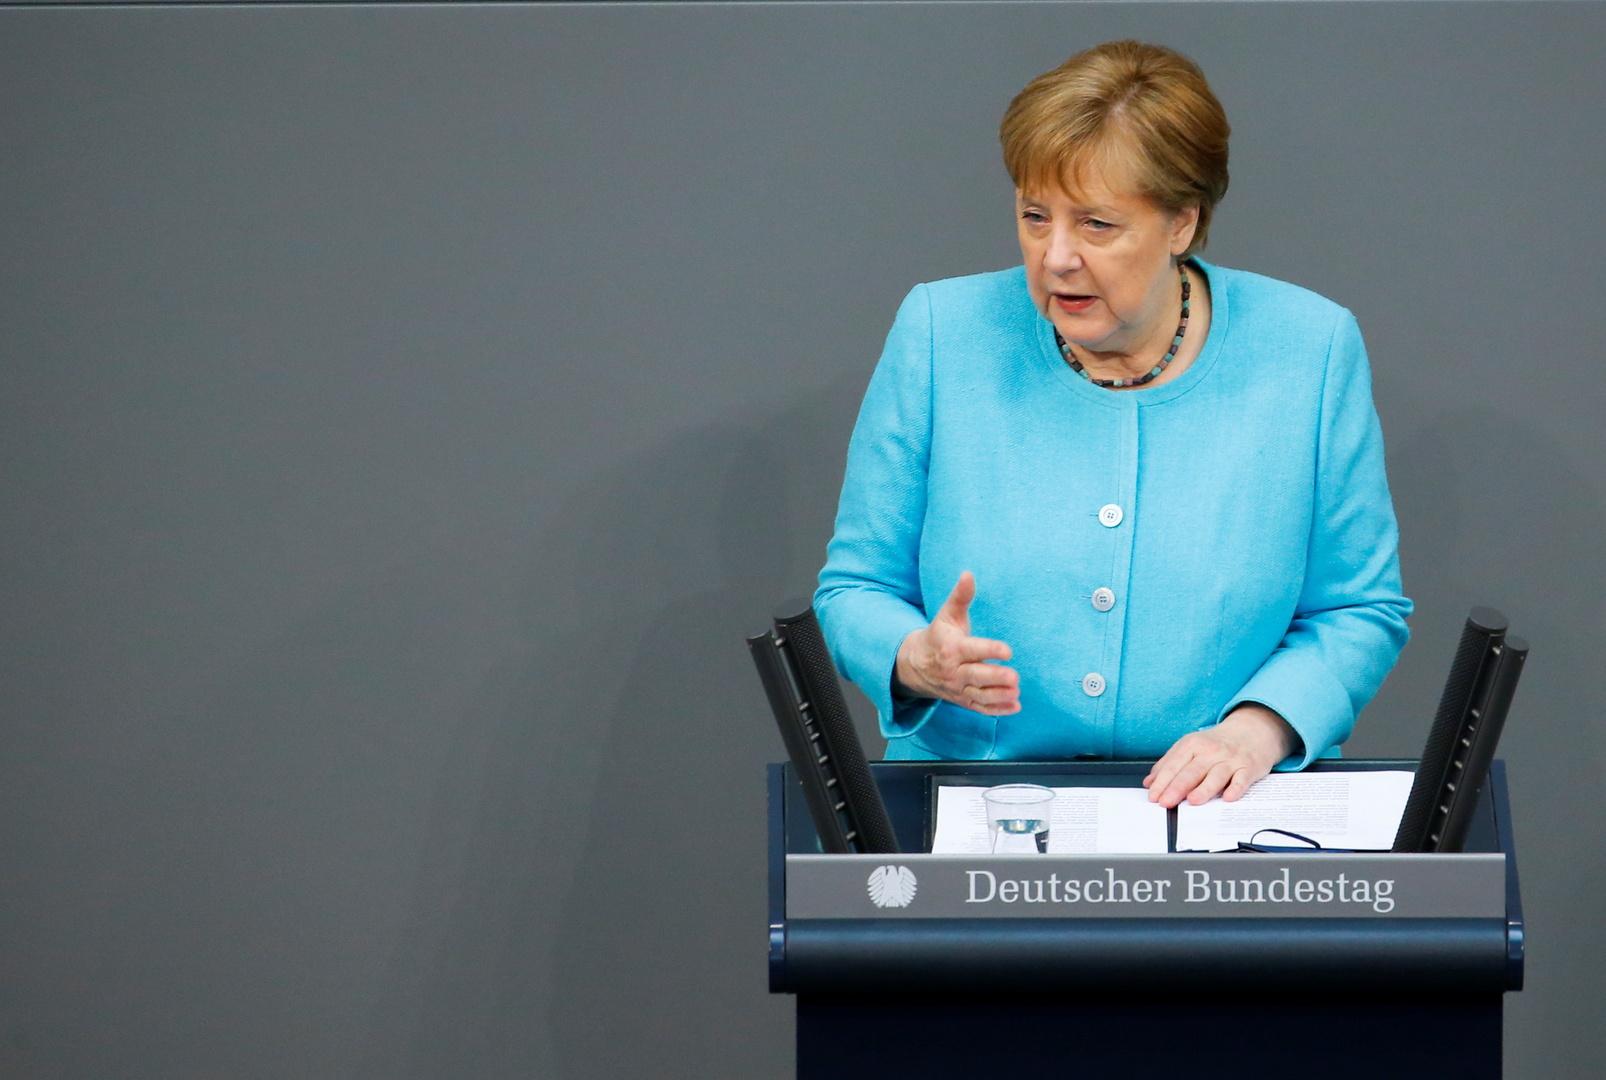 ميركل في آخر كلمة أمام البوندستاغ: على الاتحاد الأوروبي التواصل مع روسيا ورئيسها